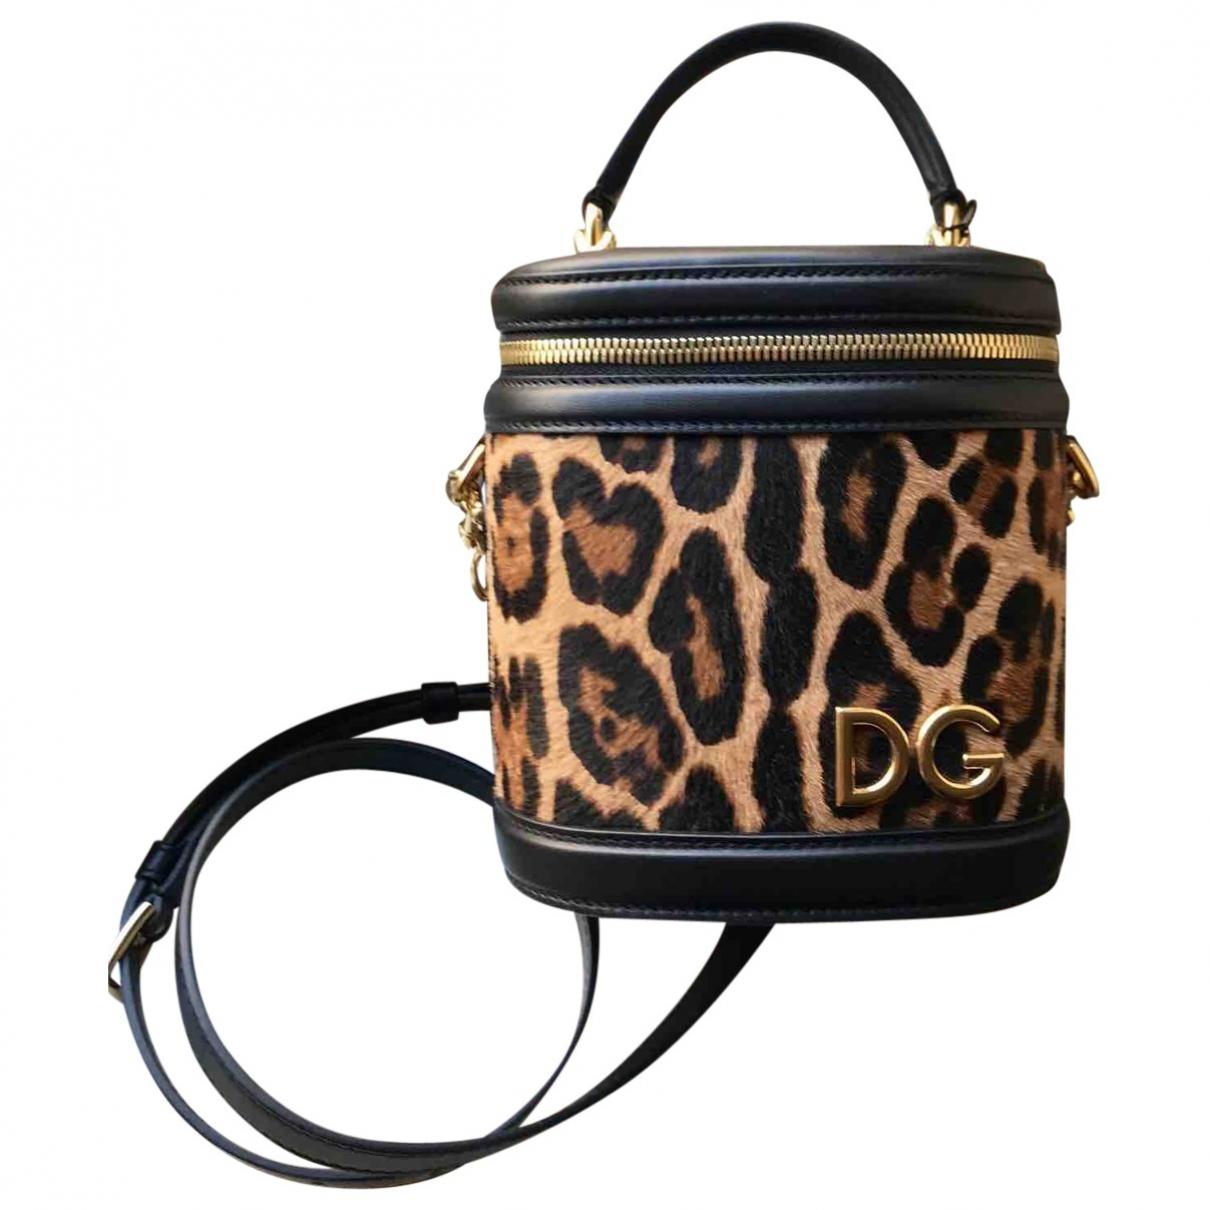 Dolce & Gabbana - Sac a main   pour femme en veau facon poulain - noir